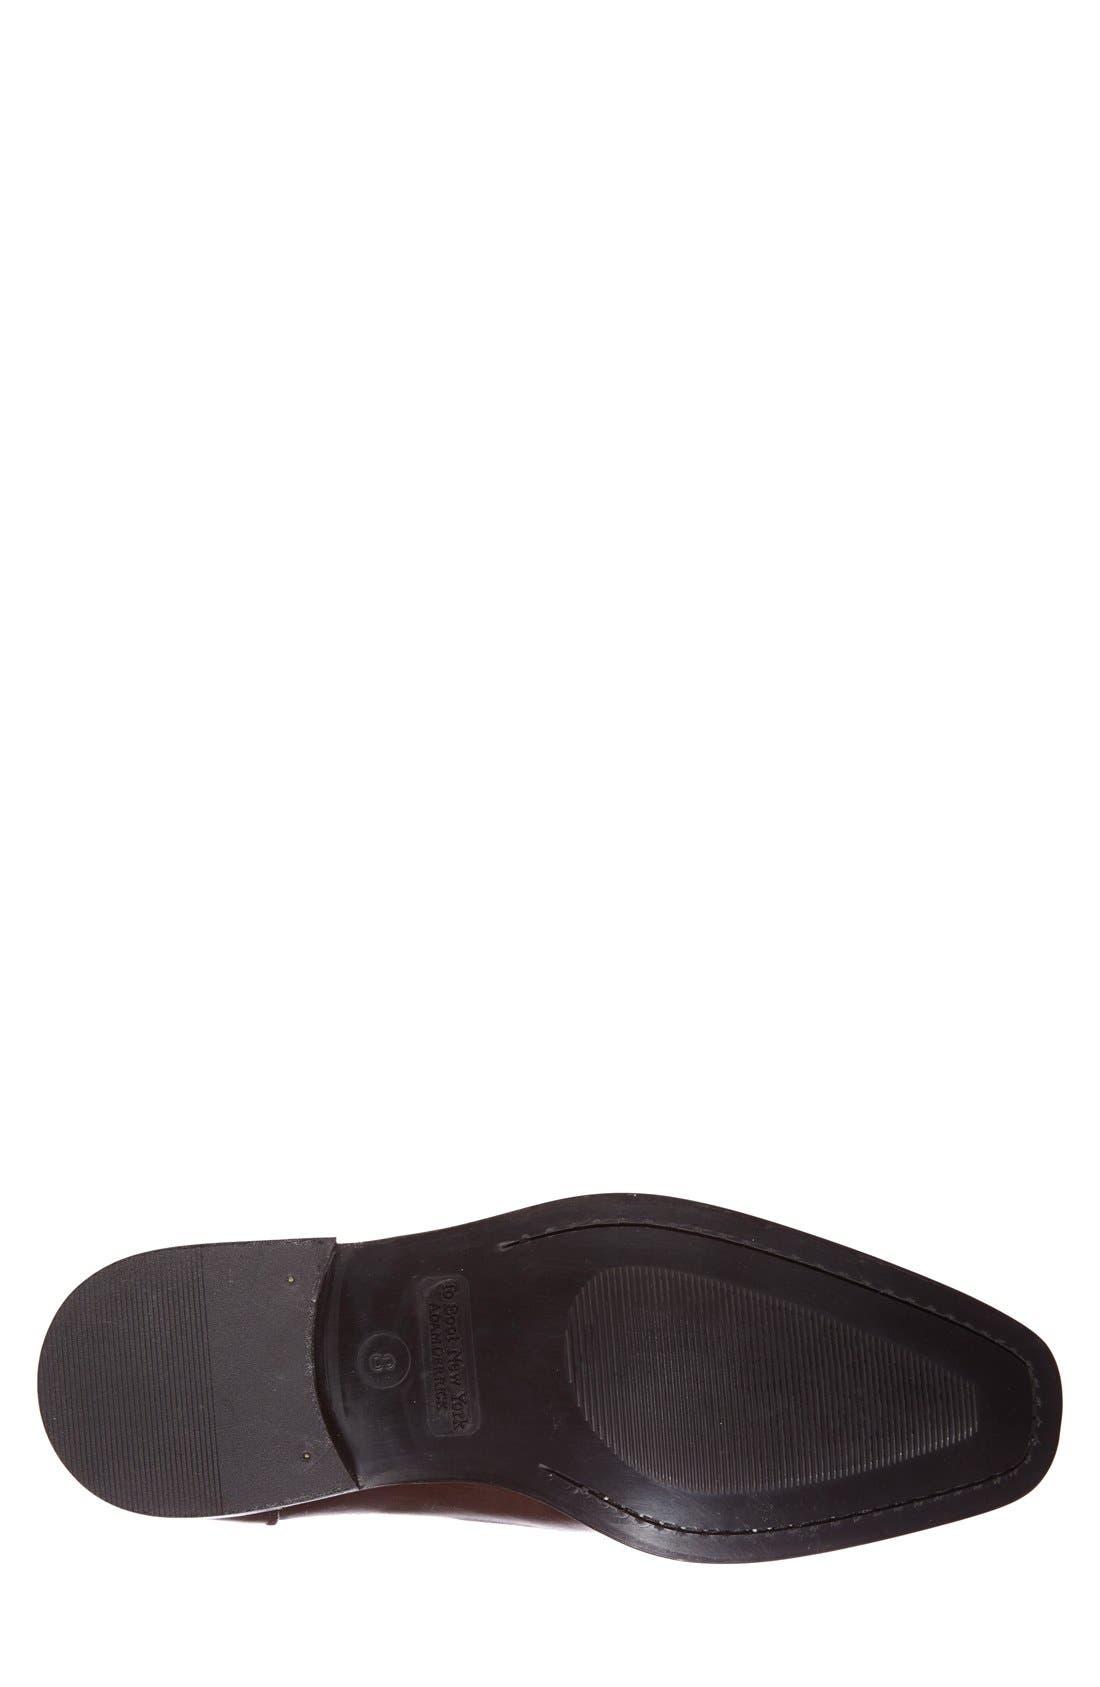 Alternate Image 4  - To Boot New York 'Erik' Venetian Loafer